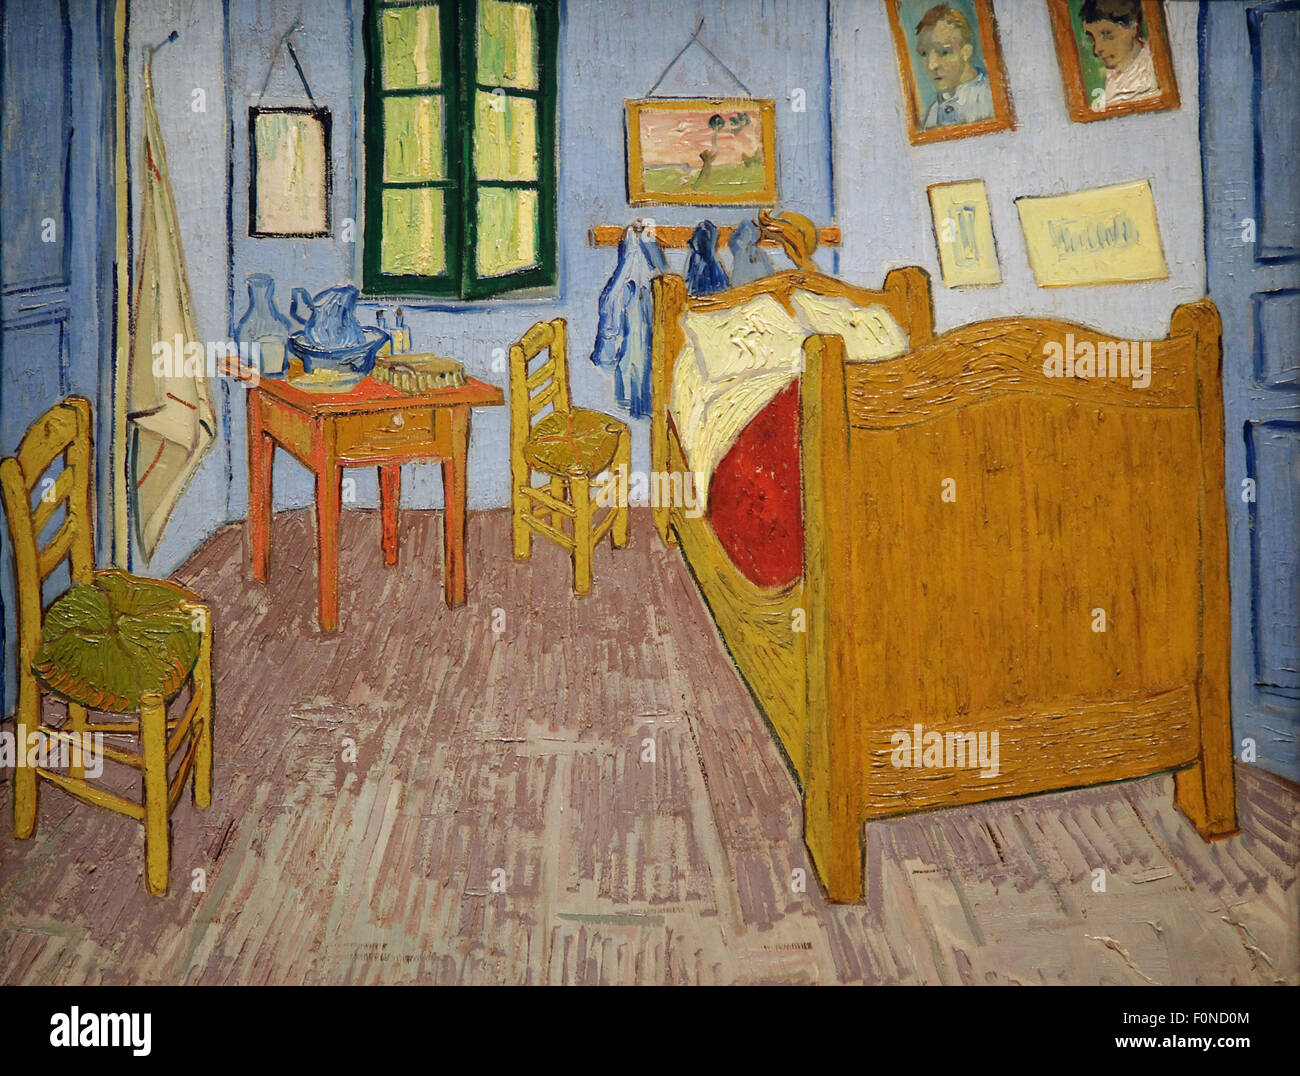 Camera da letto in arles la chambre arles simile tre dipinti di vincent van gogh 1853 1890 - Van gogh la camera da letto ...